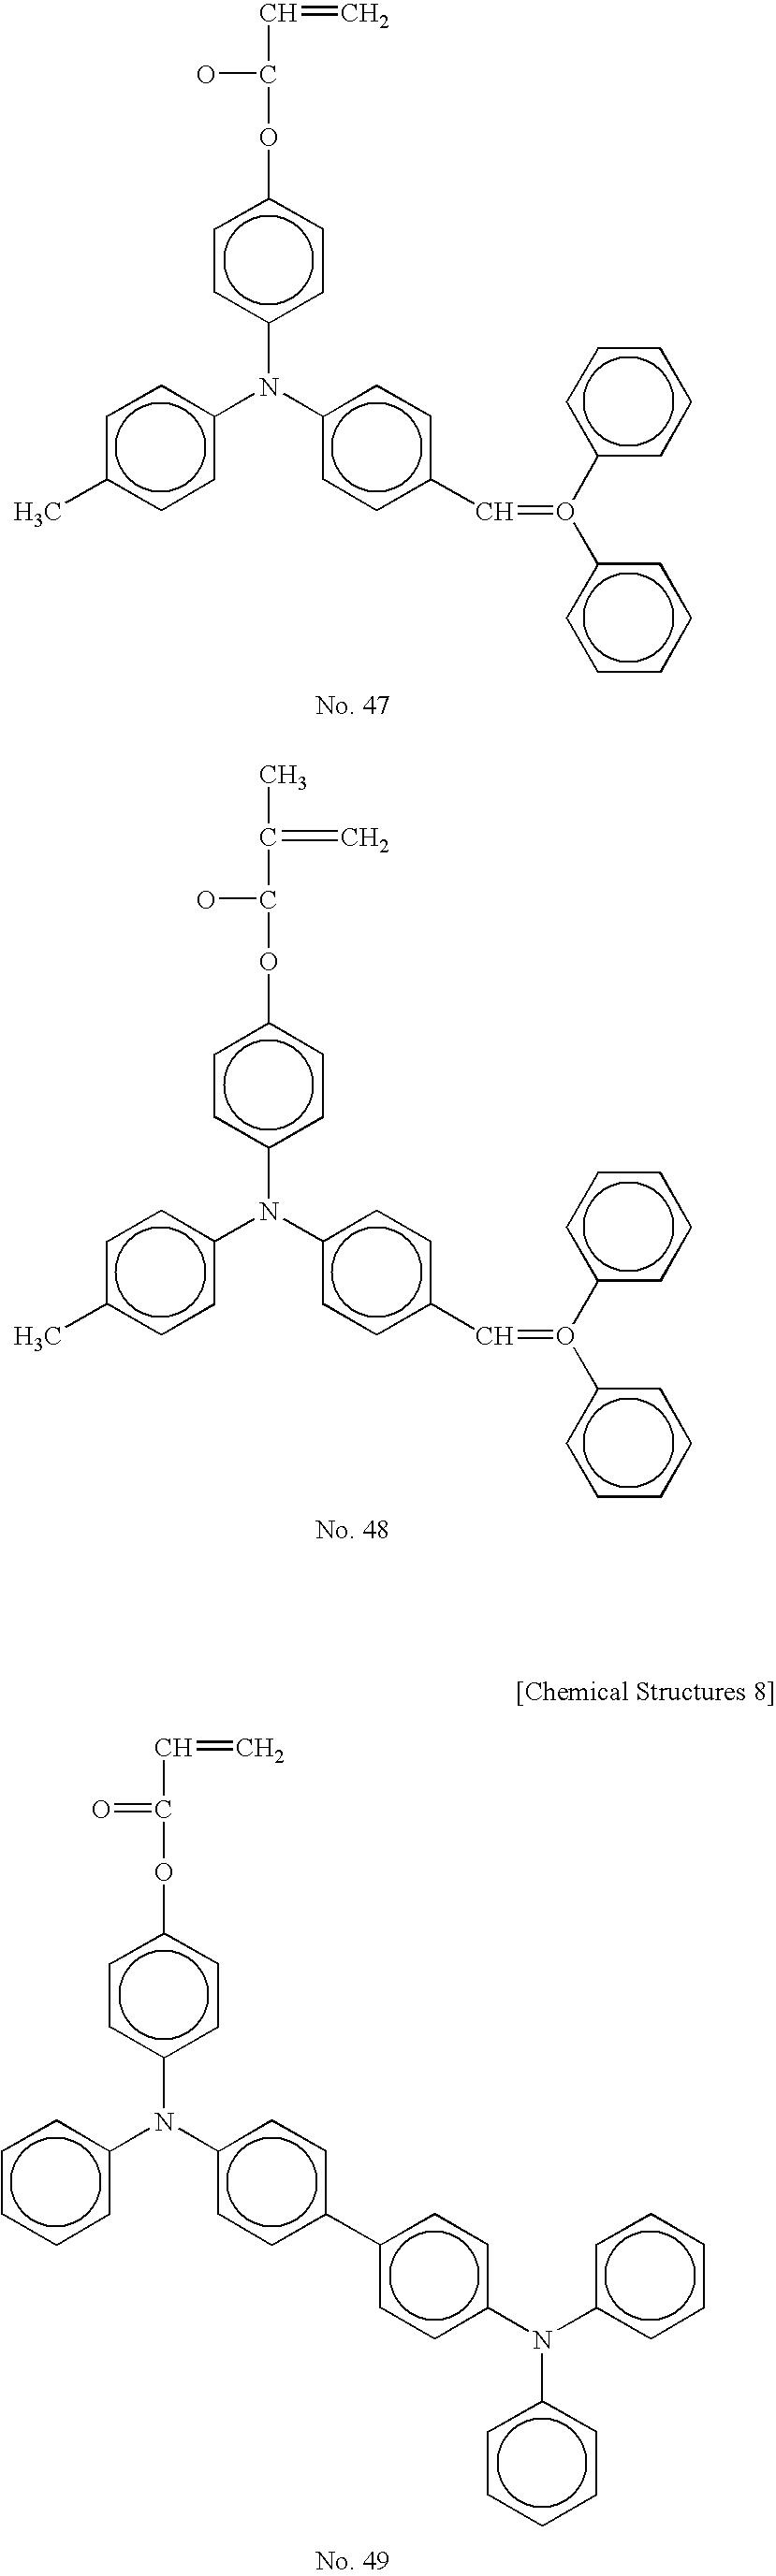 Figure US20070196749A1-20070823-C00018